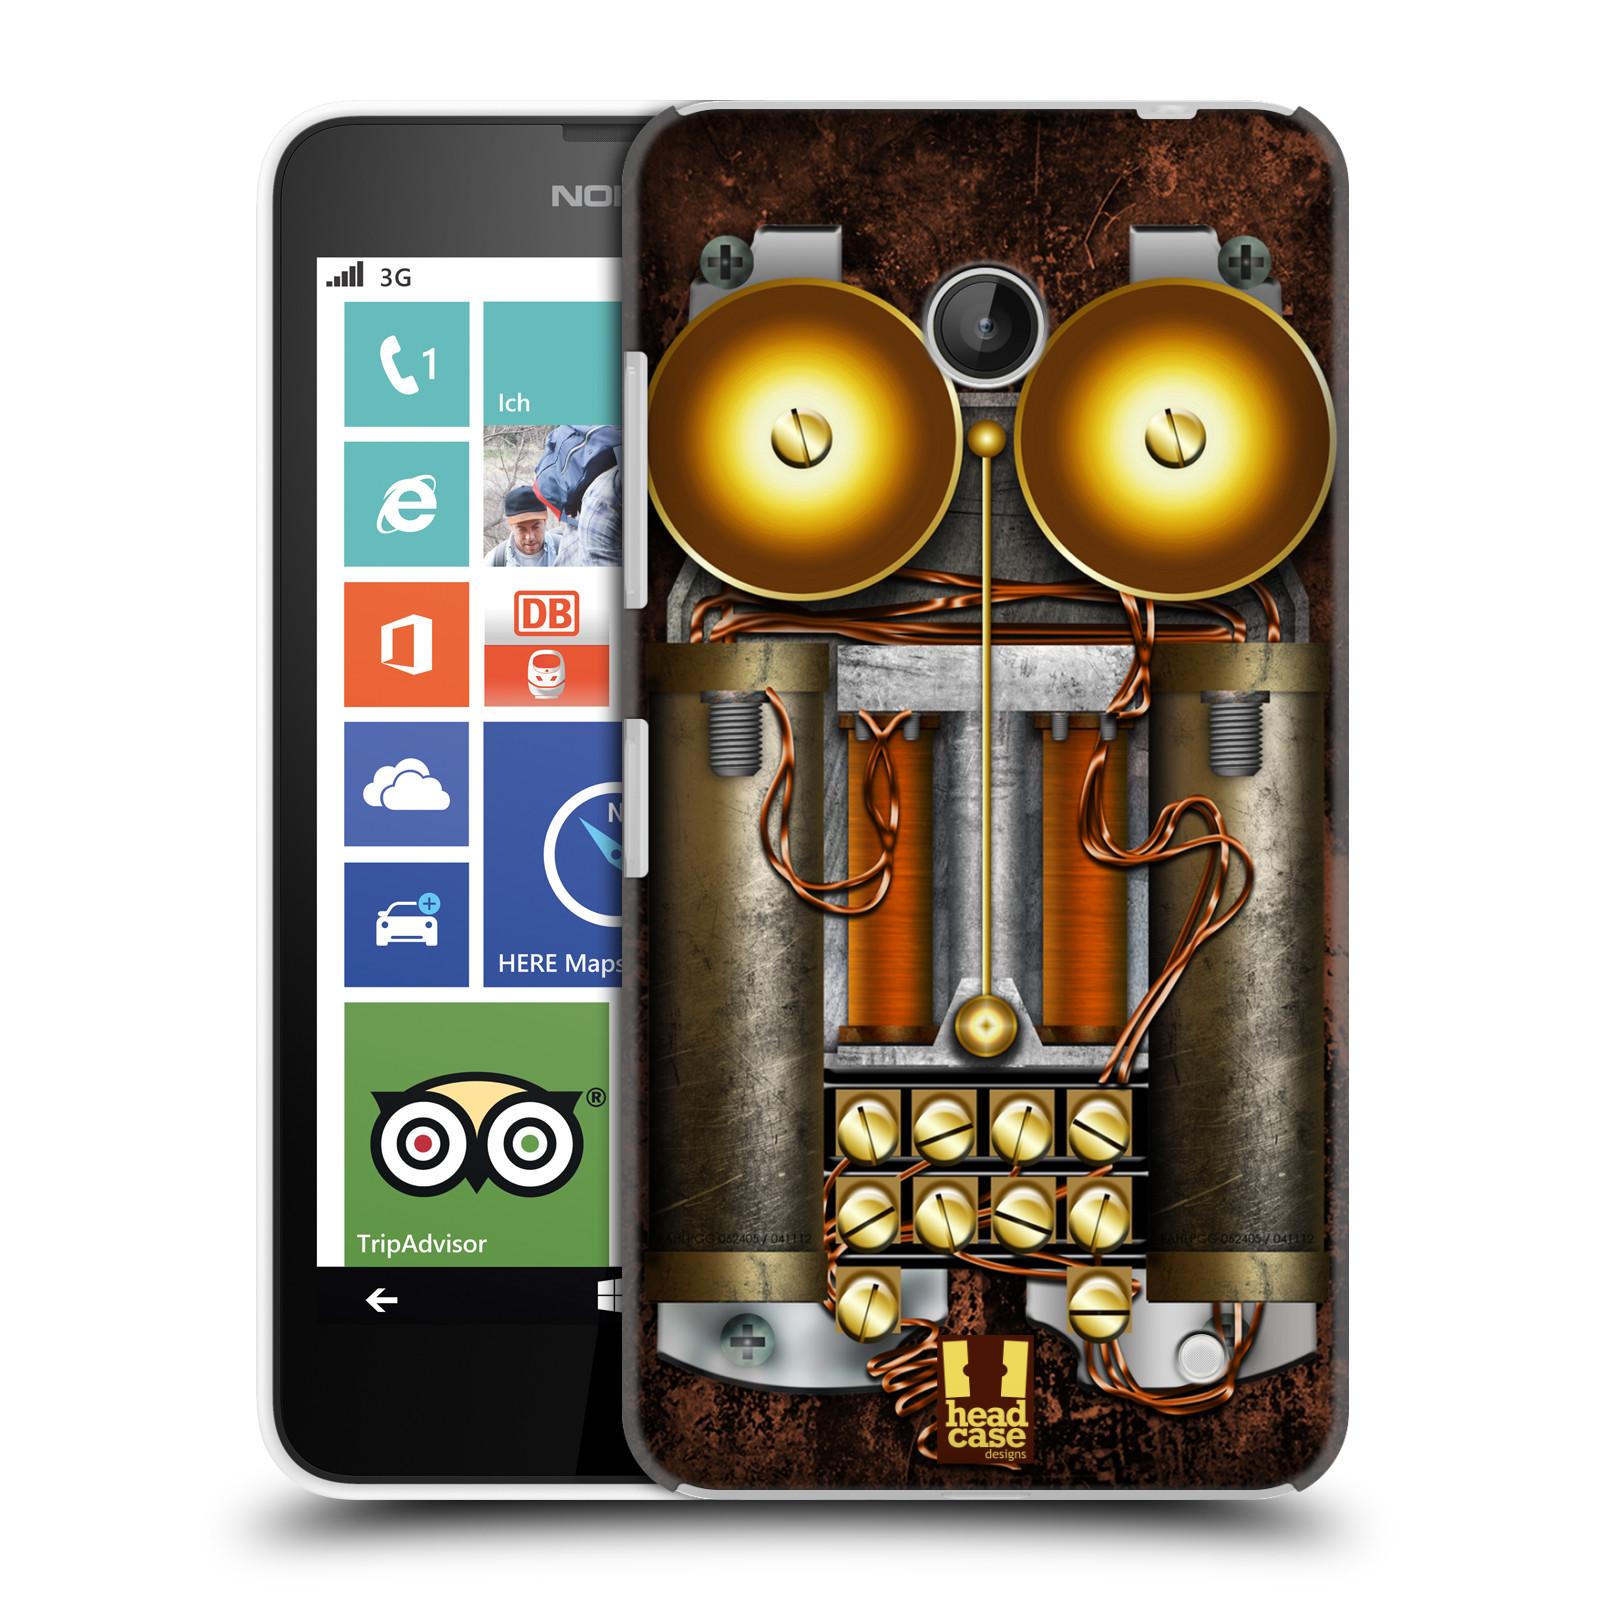 Plastové pouzdro na mobil Nokia Lumia 630 HEAD CASE STEAMPUNK TELEFON (Kryt či obal na mobilní telefon Nokia Lumia 630 a Nokia Lumia 630 Dual SIM)